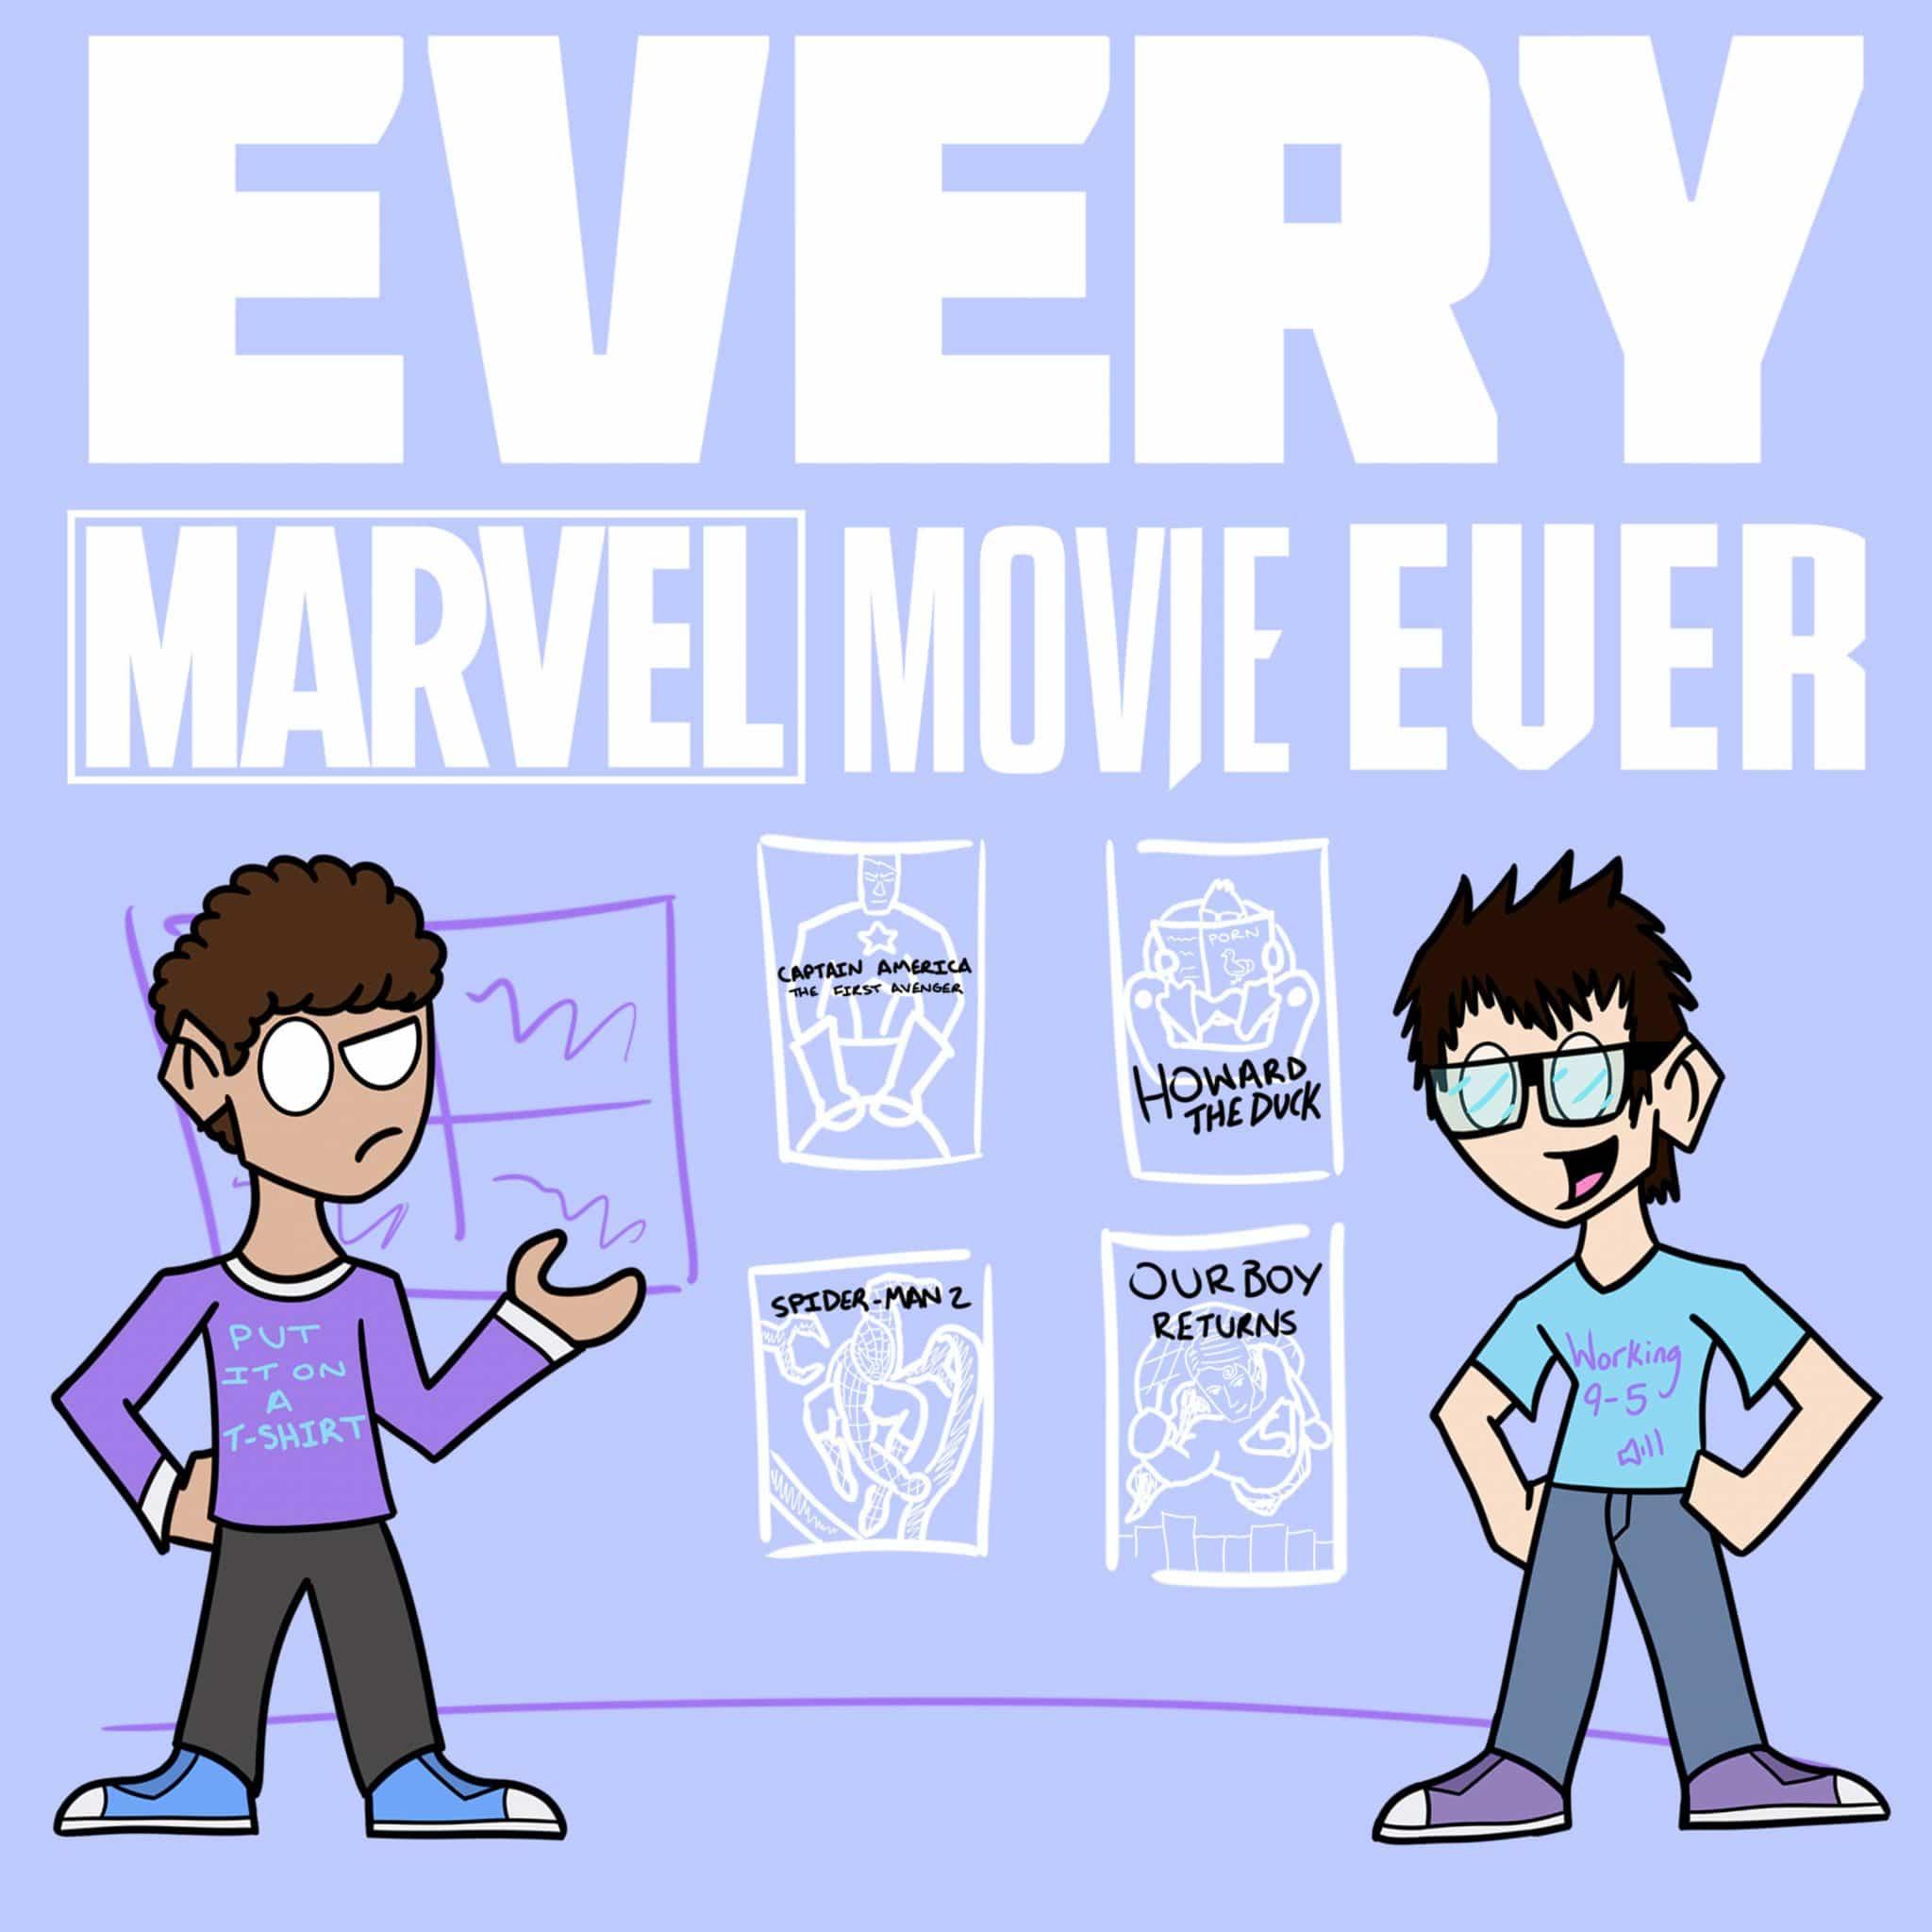 Every Marvel Movie Ever